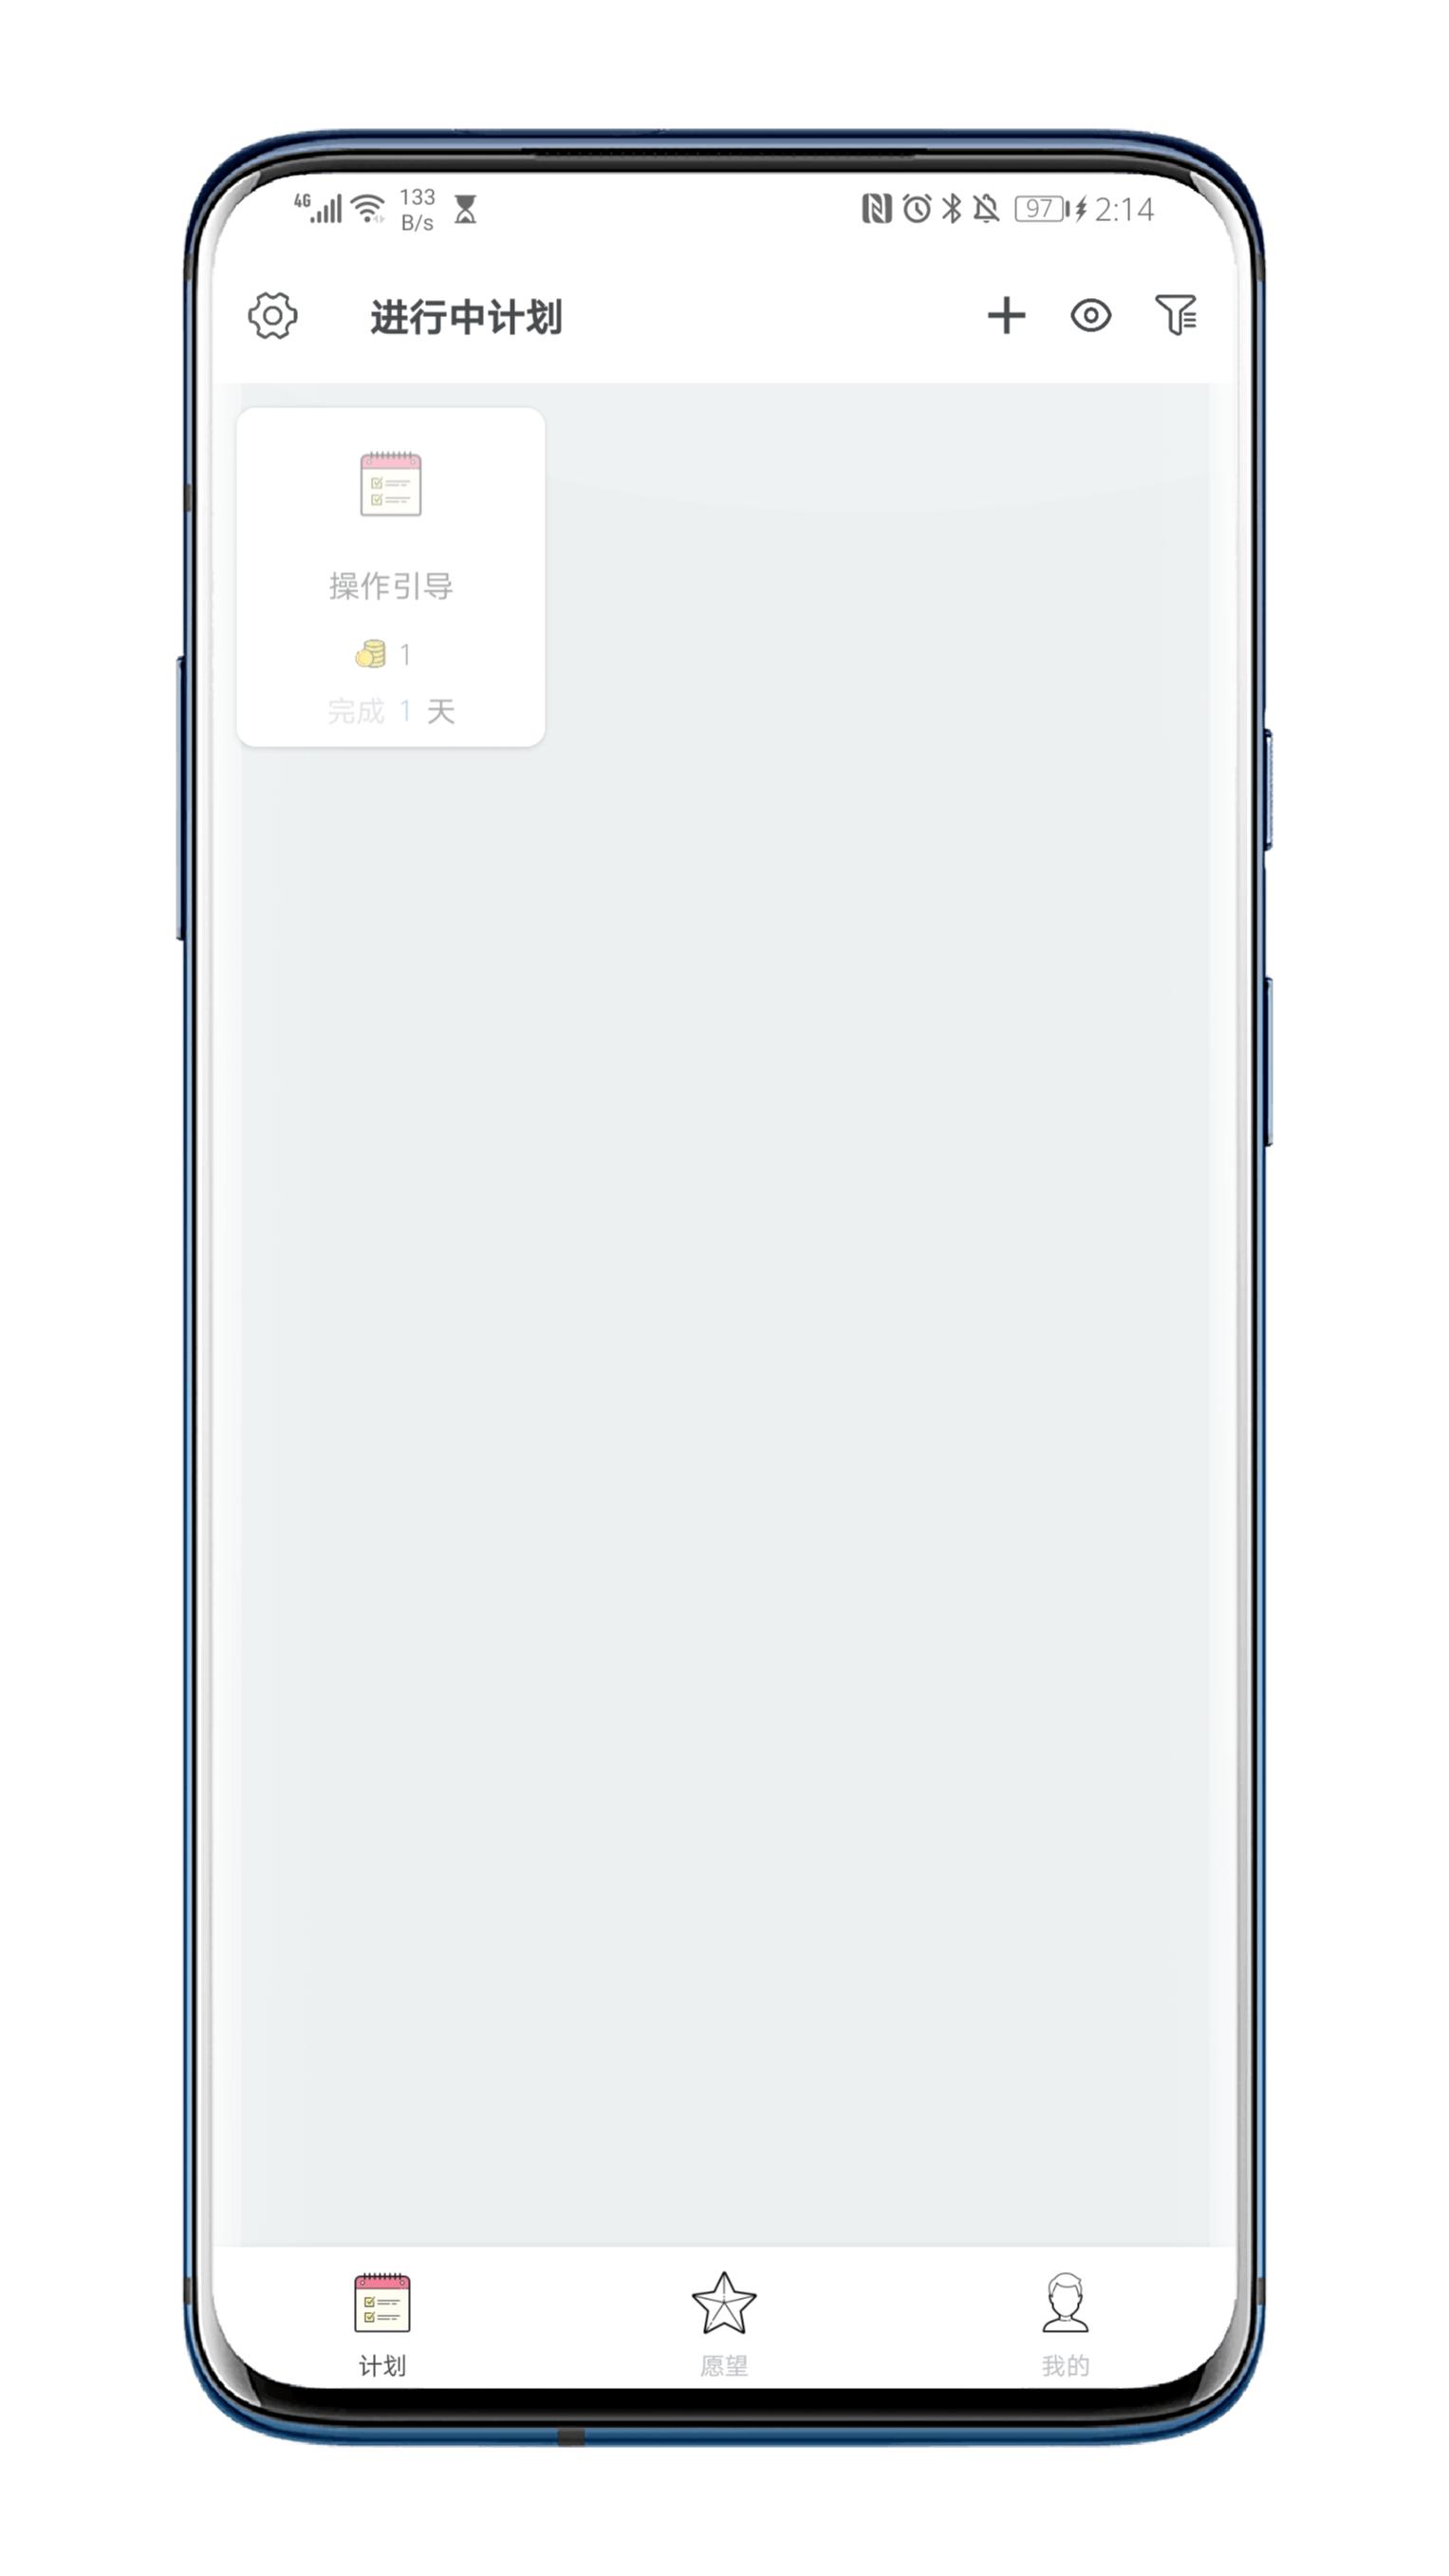 ★★鱼朵分享★★趣味计划V1.9打卡与习惯养成